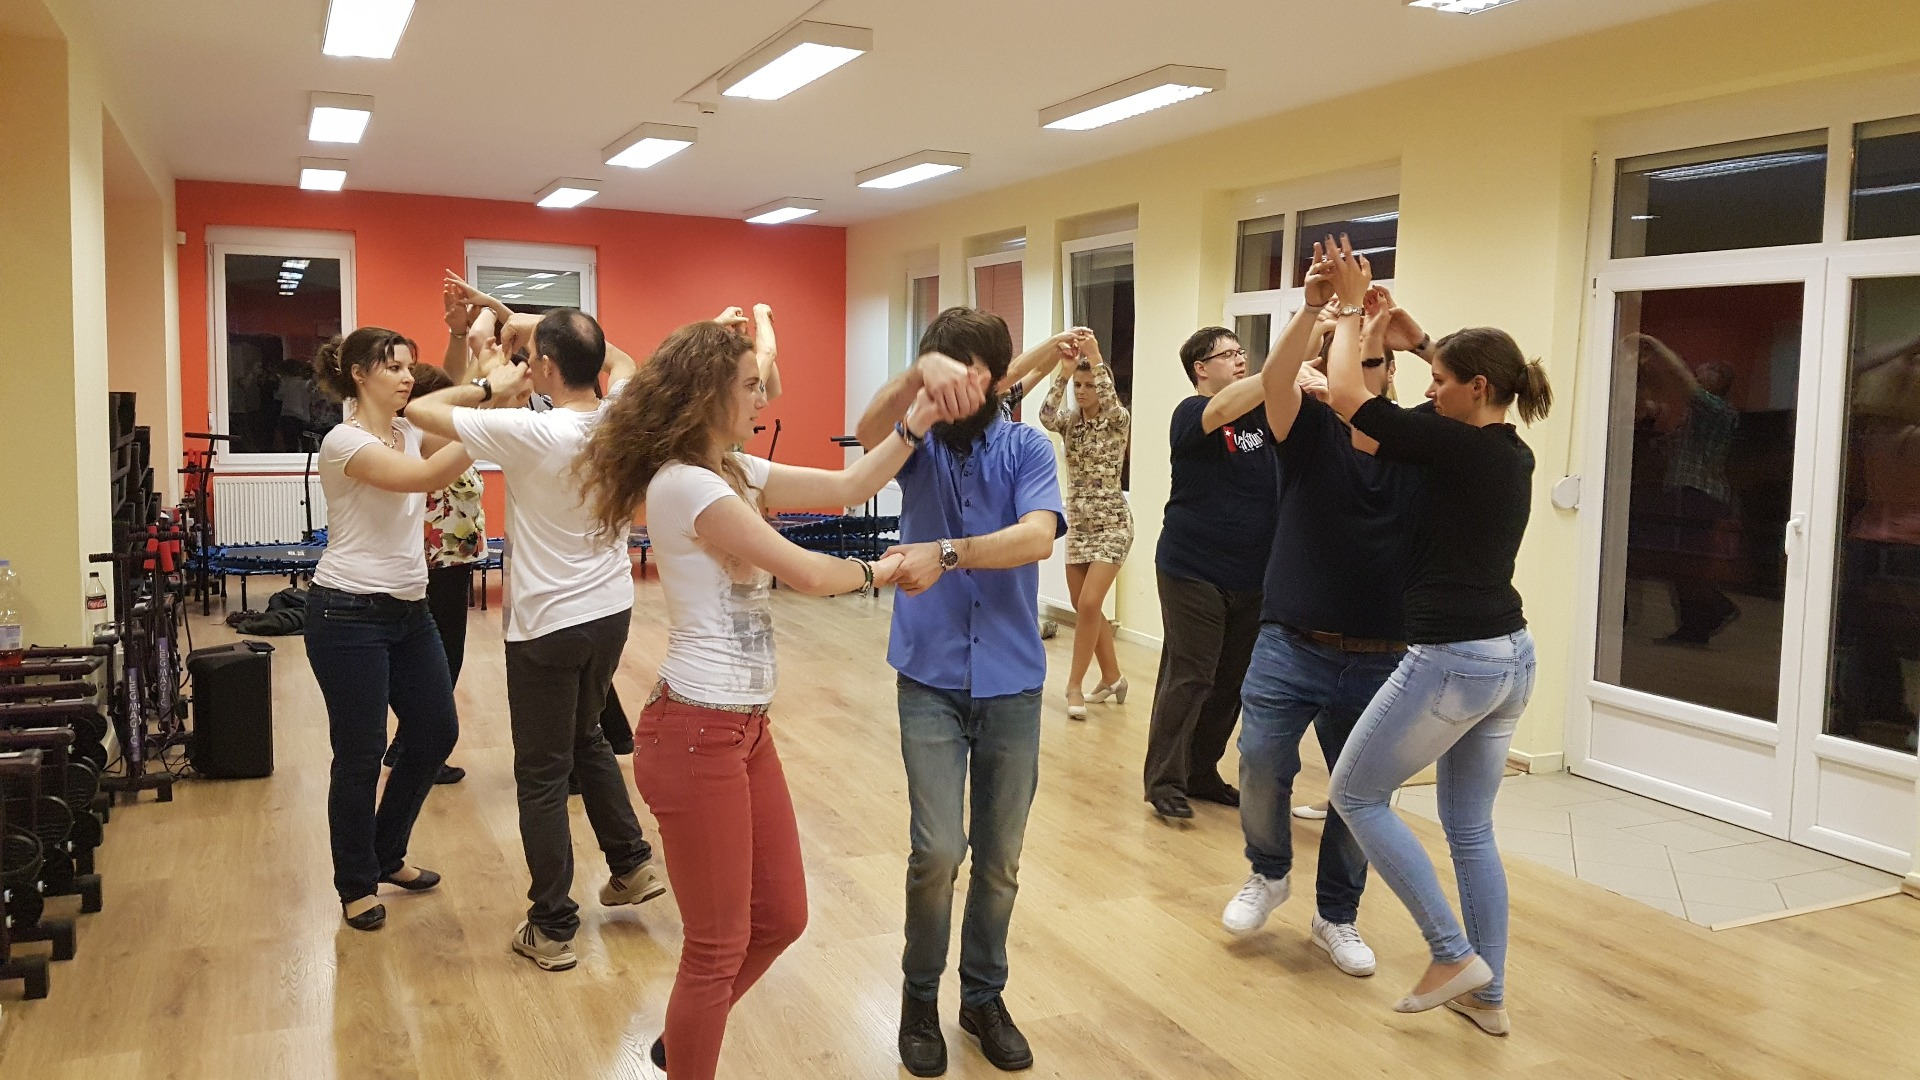 GyereSportolni.hu - Salsa Con Timba Tánciskola